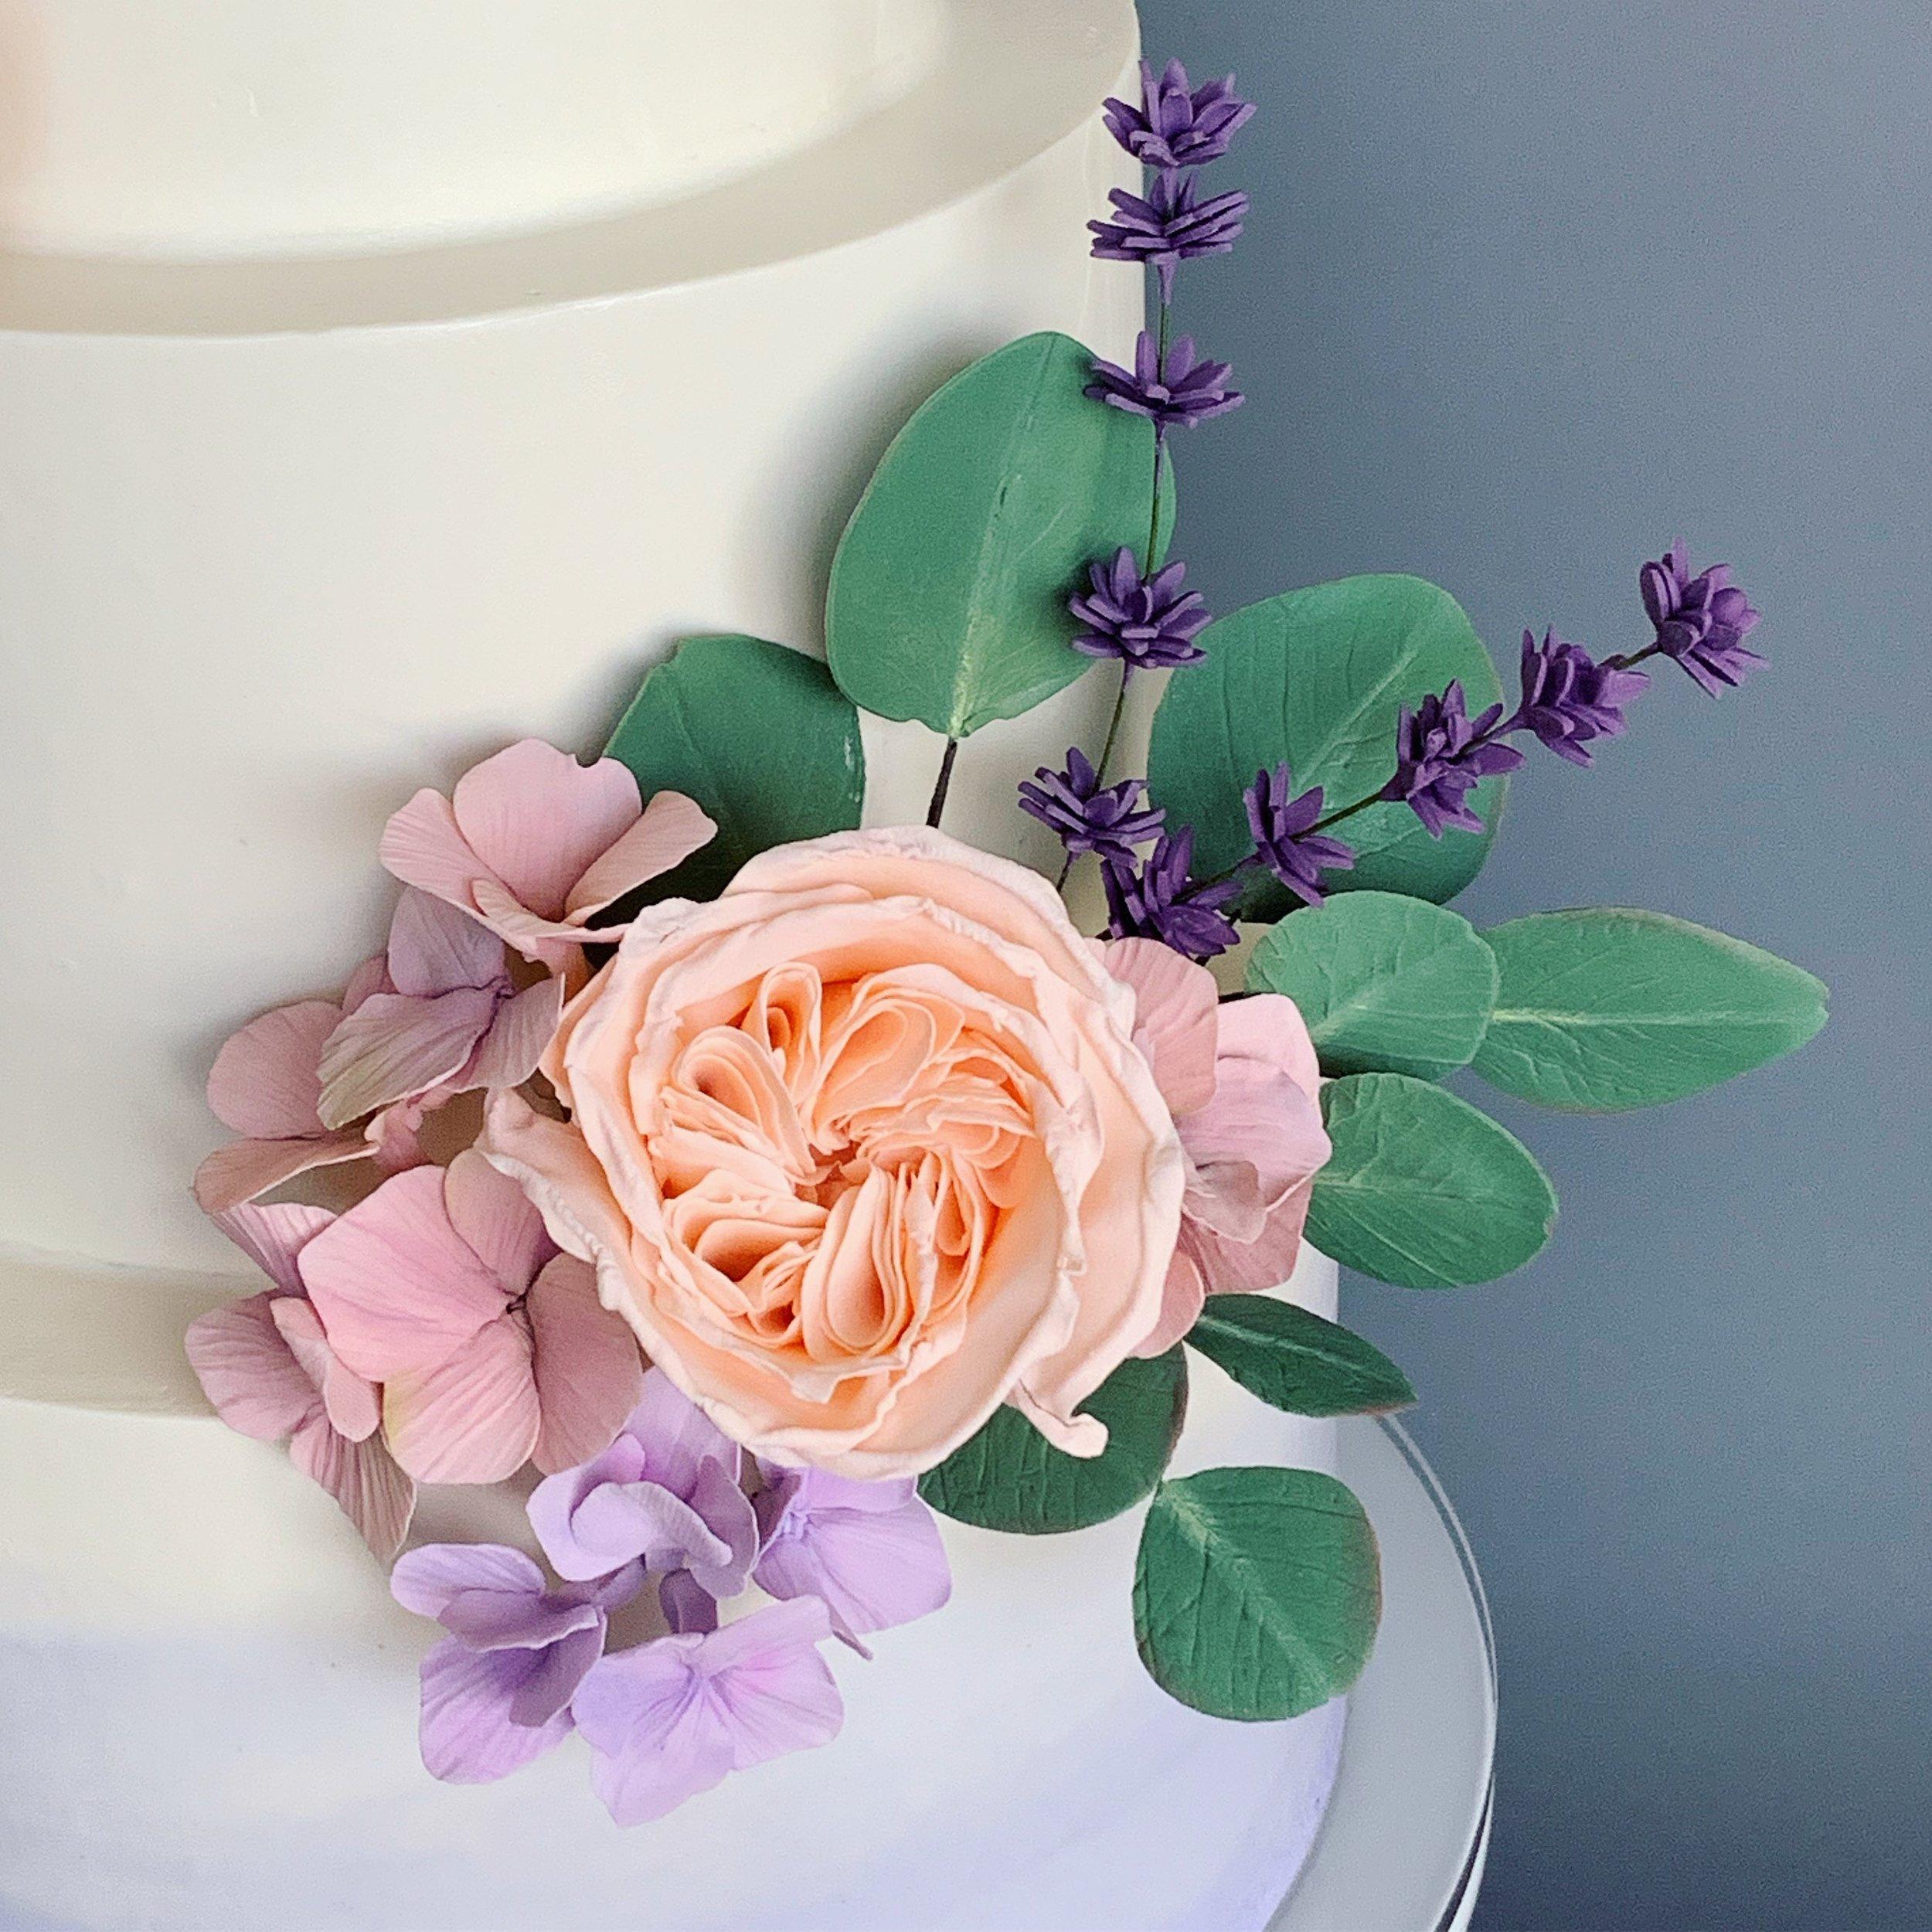 Sugar garden rose, lavender, hydrangea, and eucalyptus. Image copyright Carla Schier.